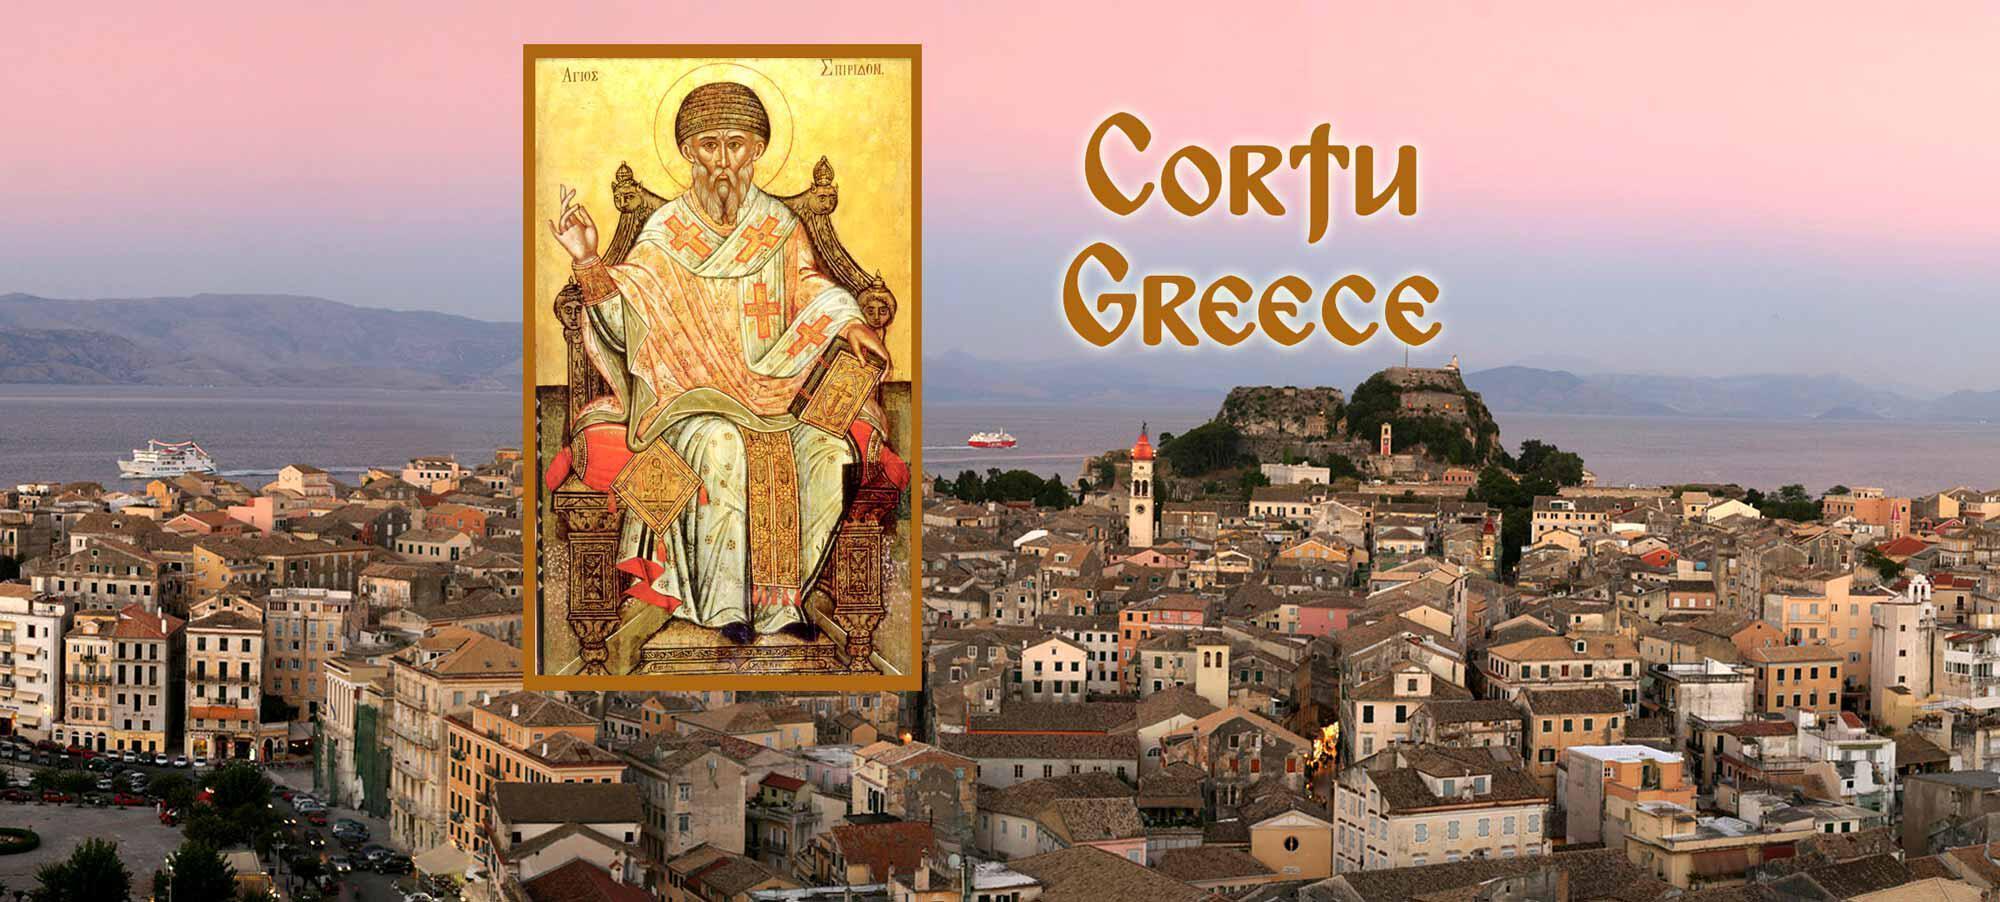 паломнические туры в Грецию, паломнические туры Корфу